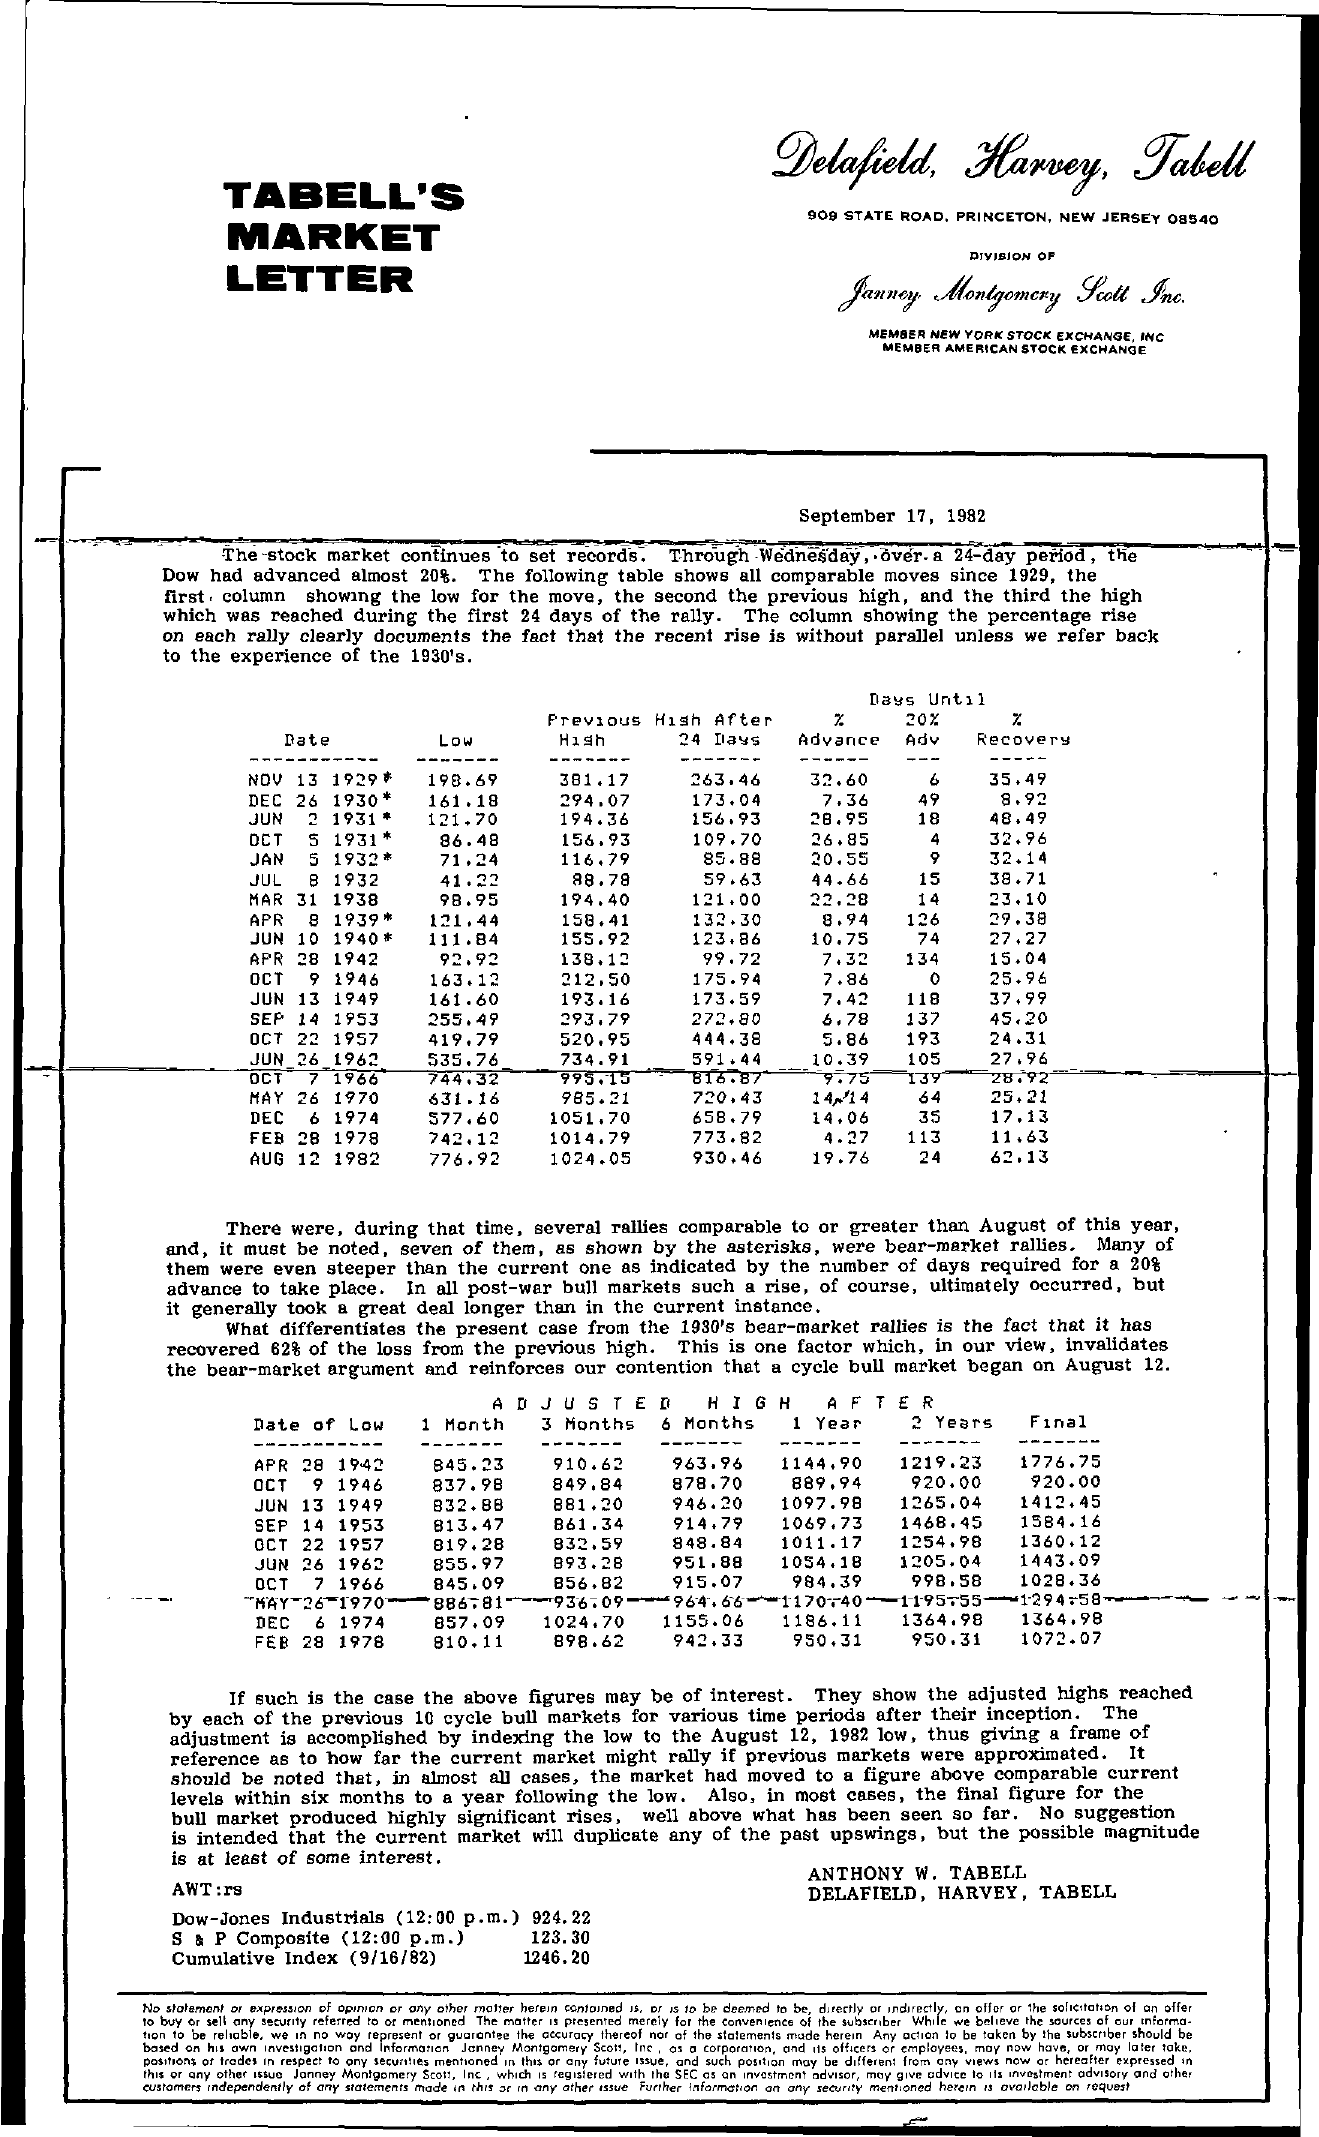 Tabell's Market Letter - September 17, 1982